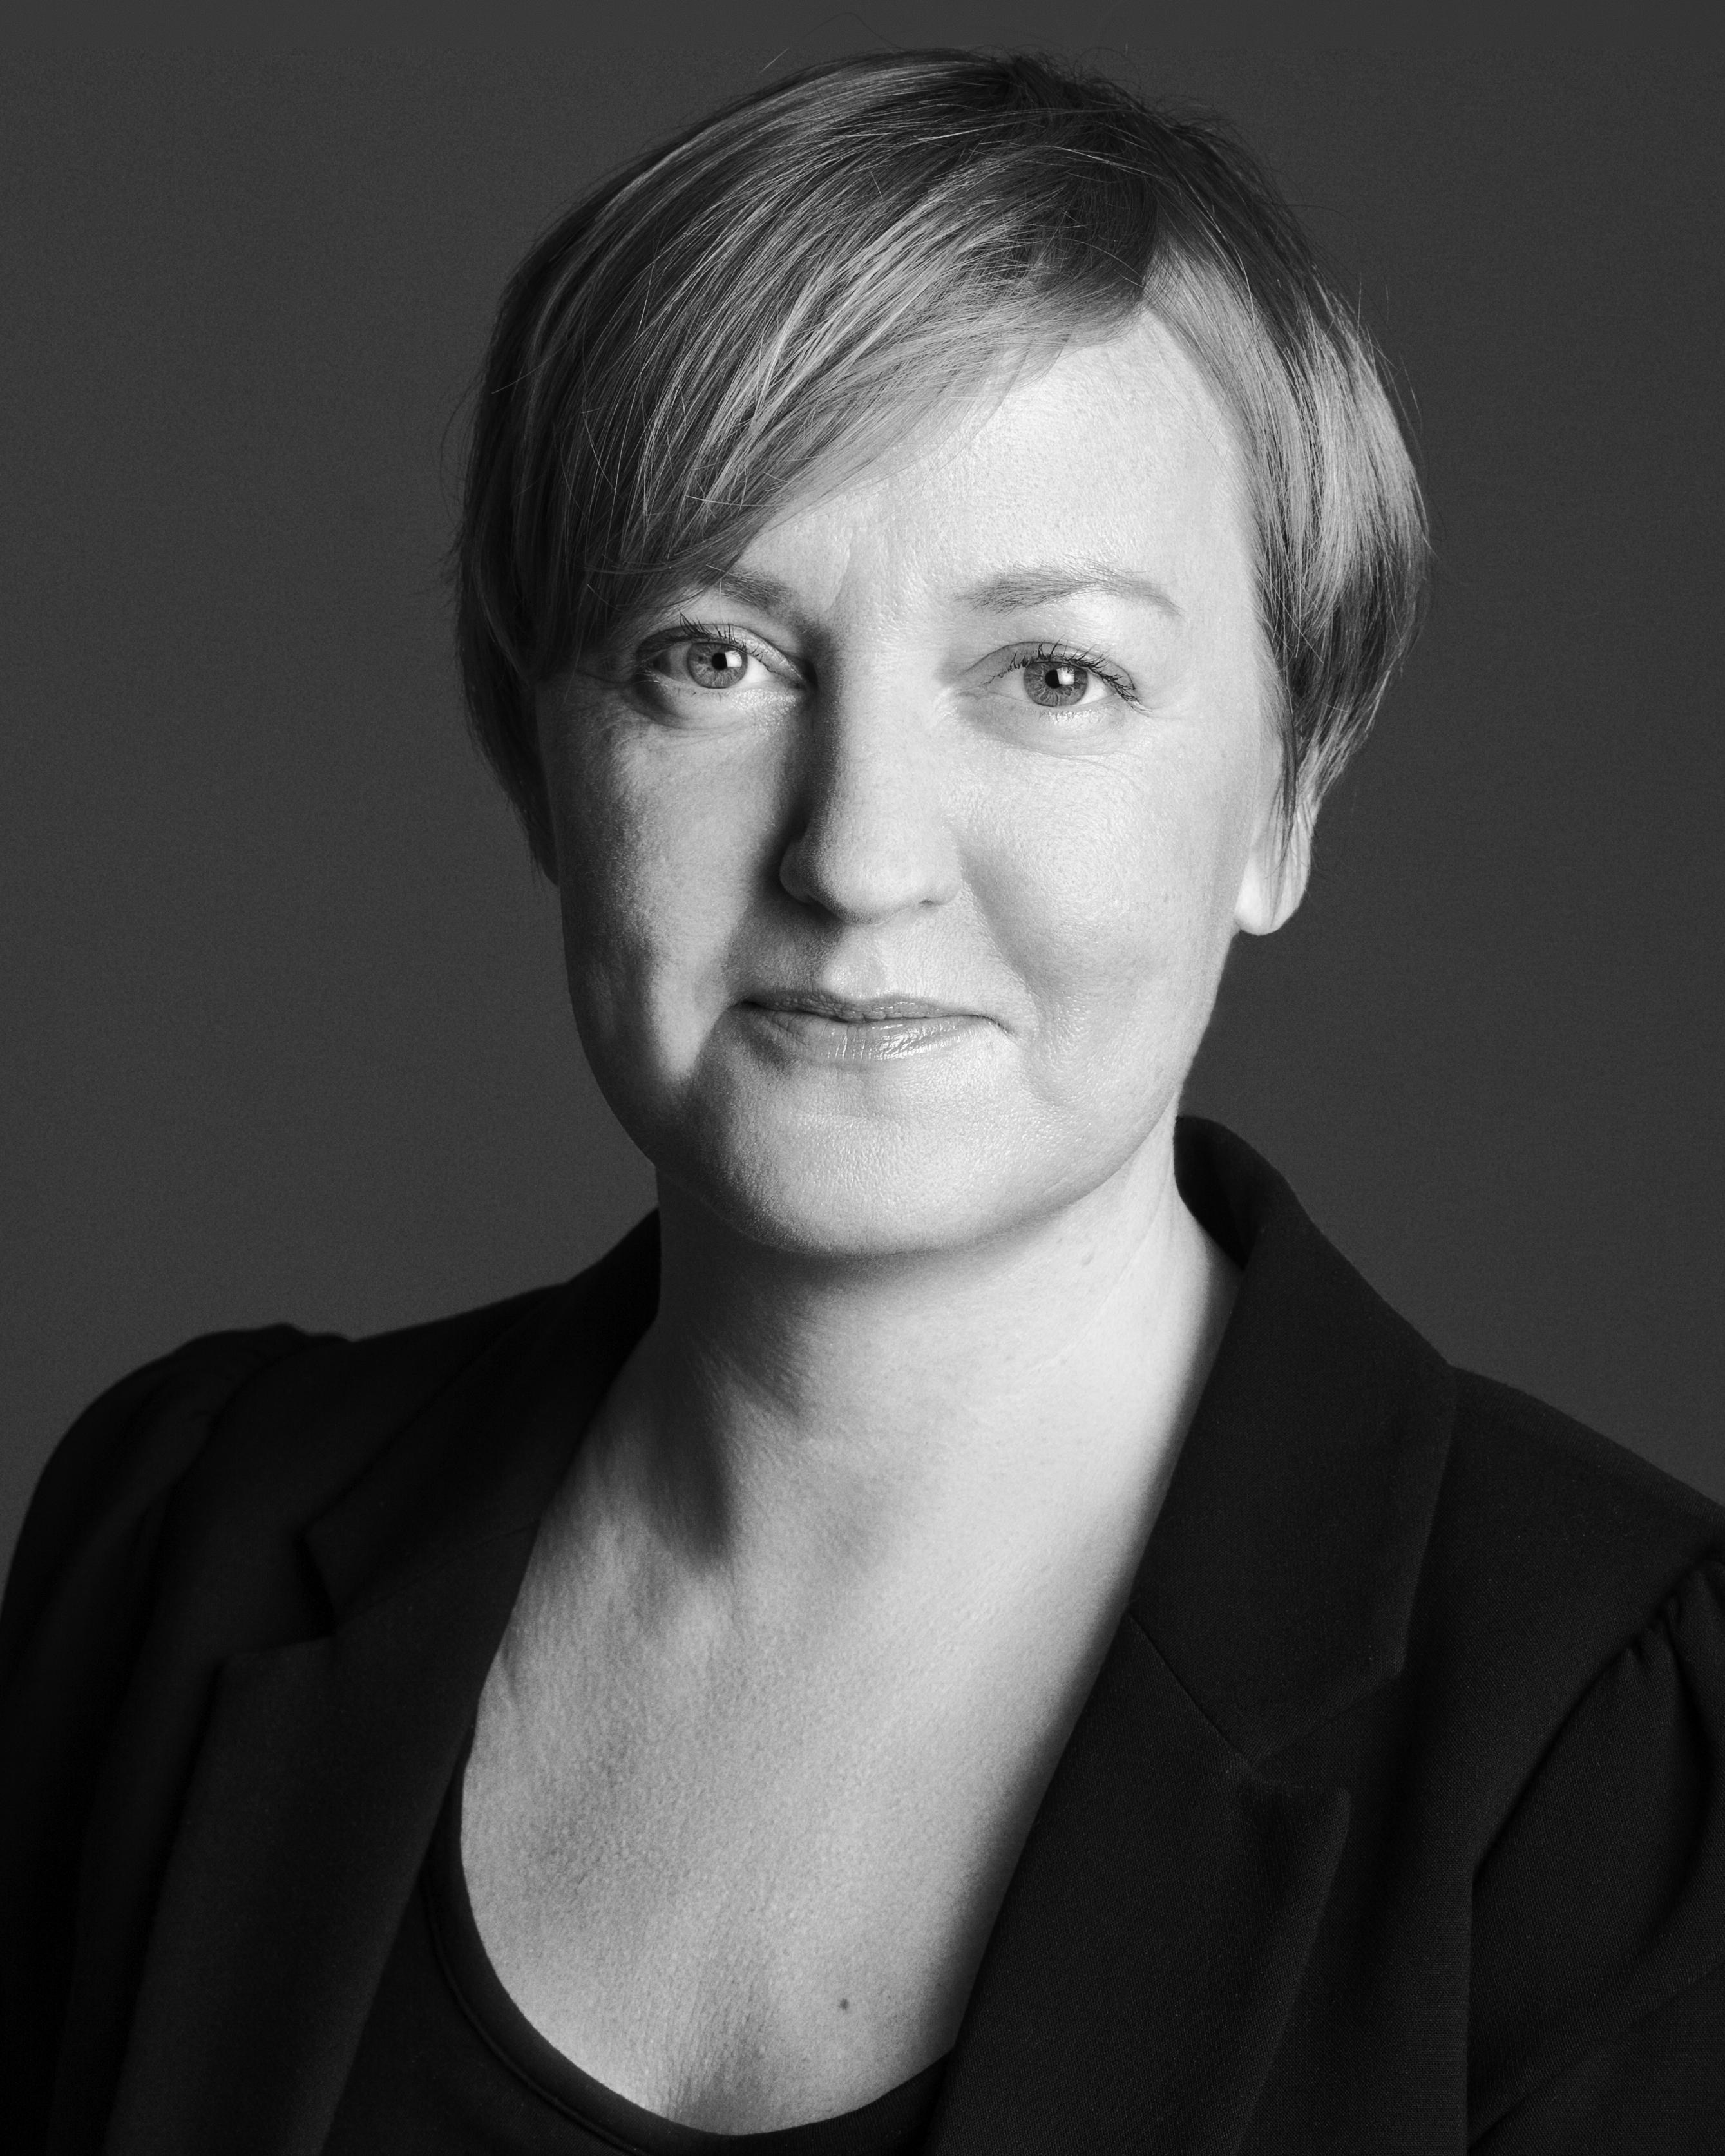 列娜・邦恩・漢寧森|丹麥 Lene Bang Org.創辦人與創意製作人